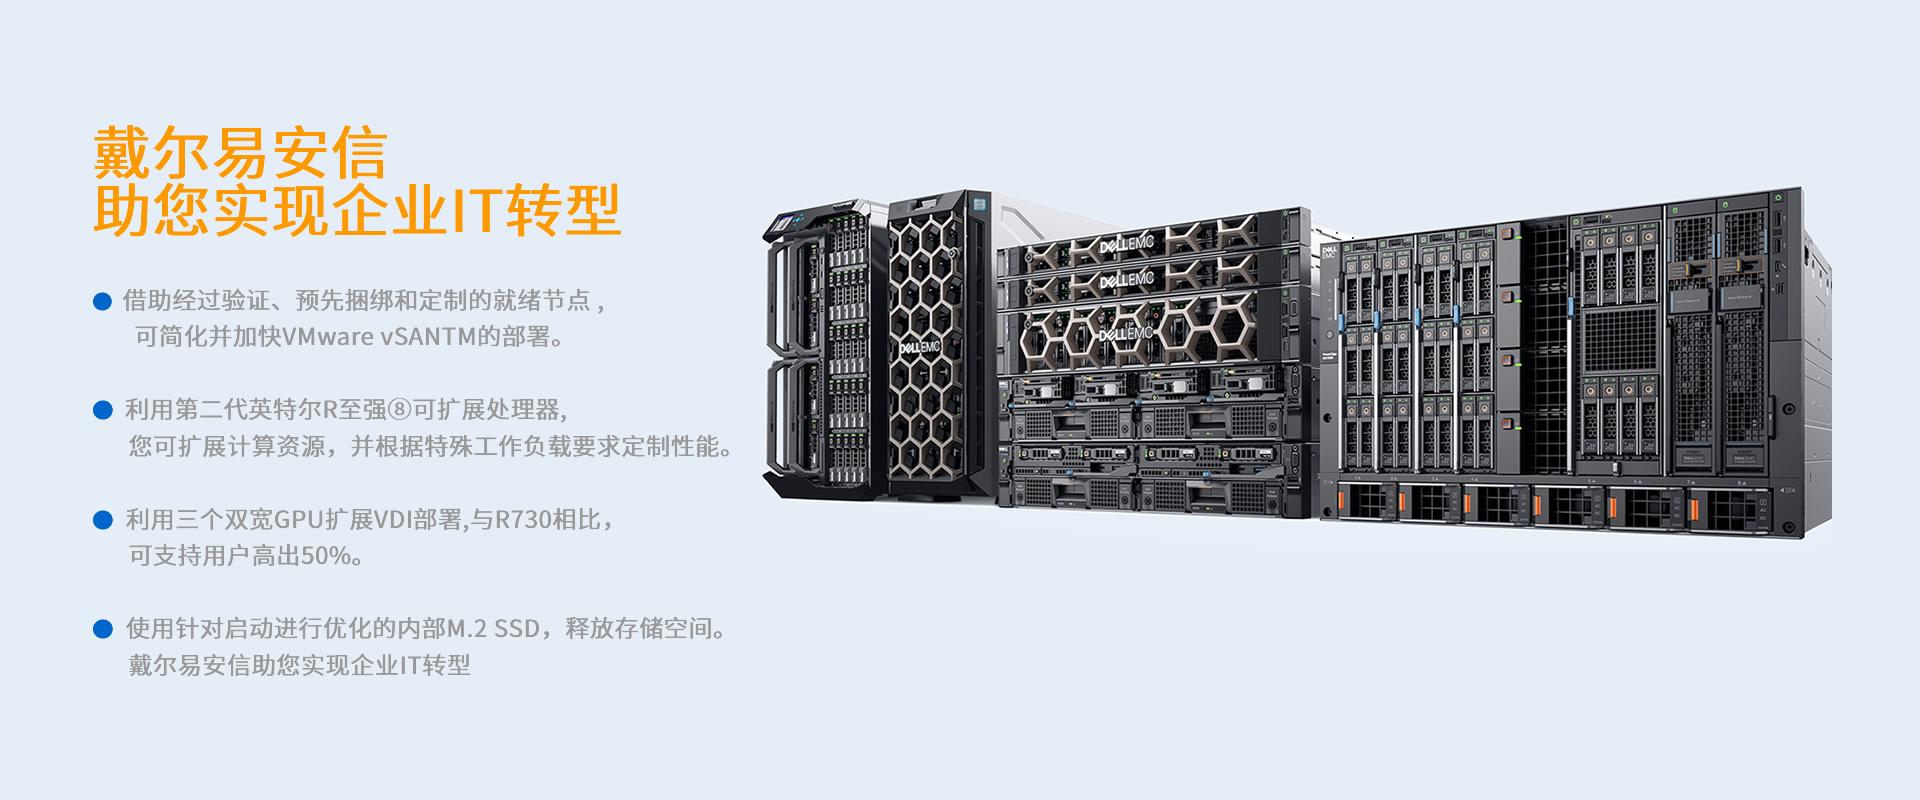 上海dell服务器